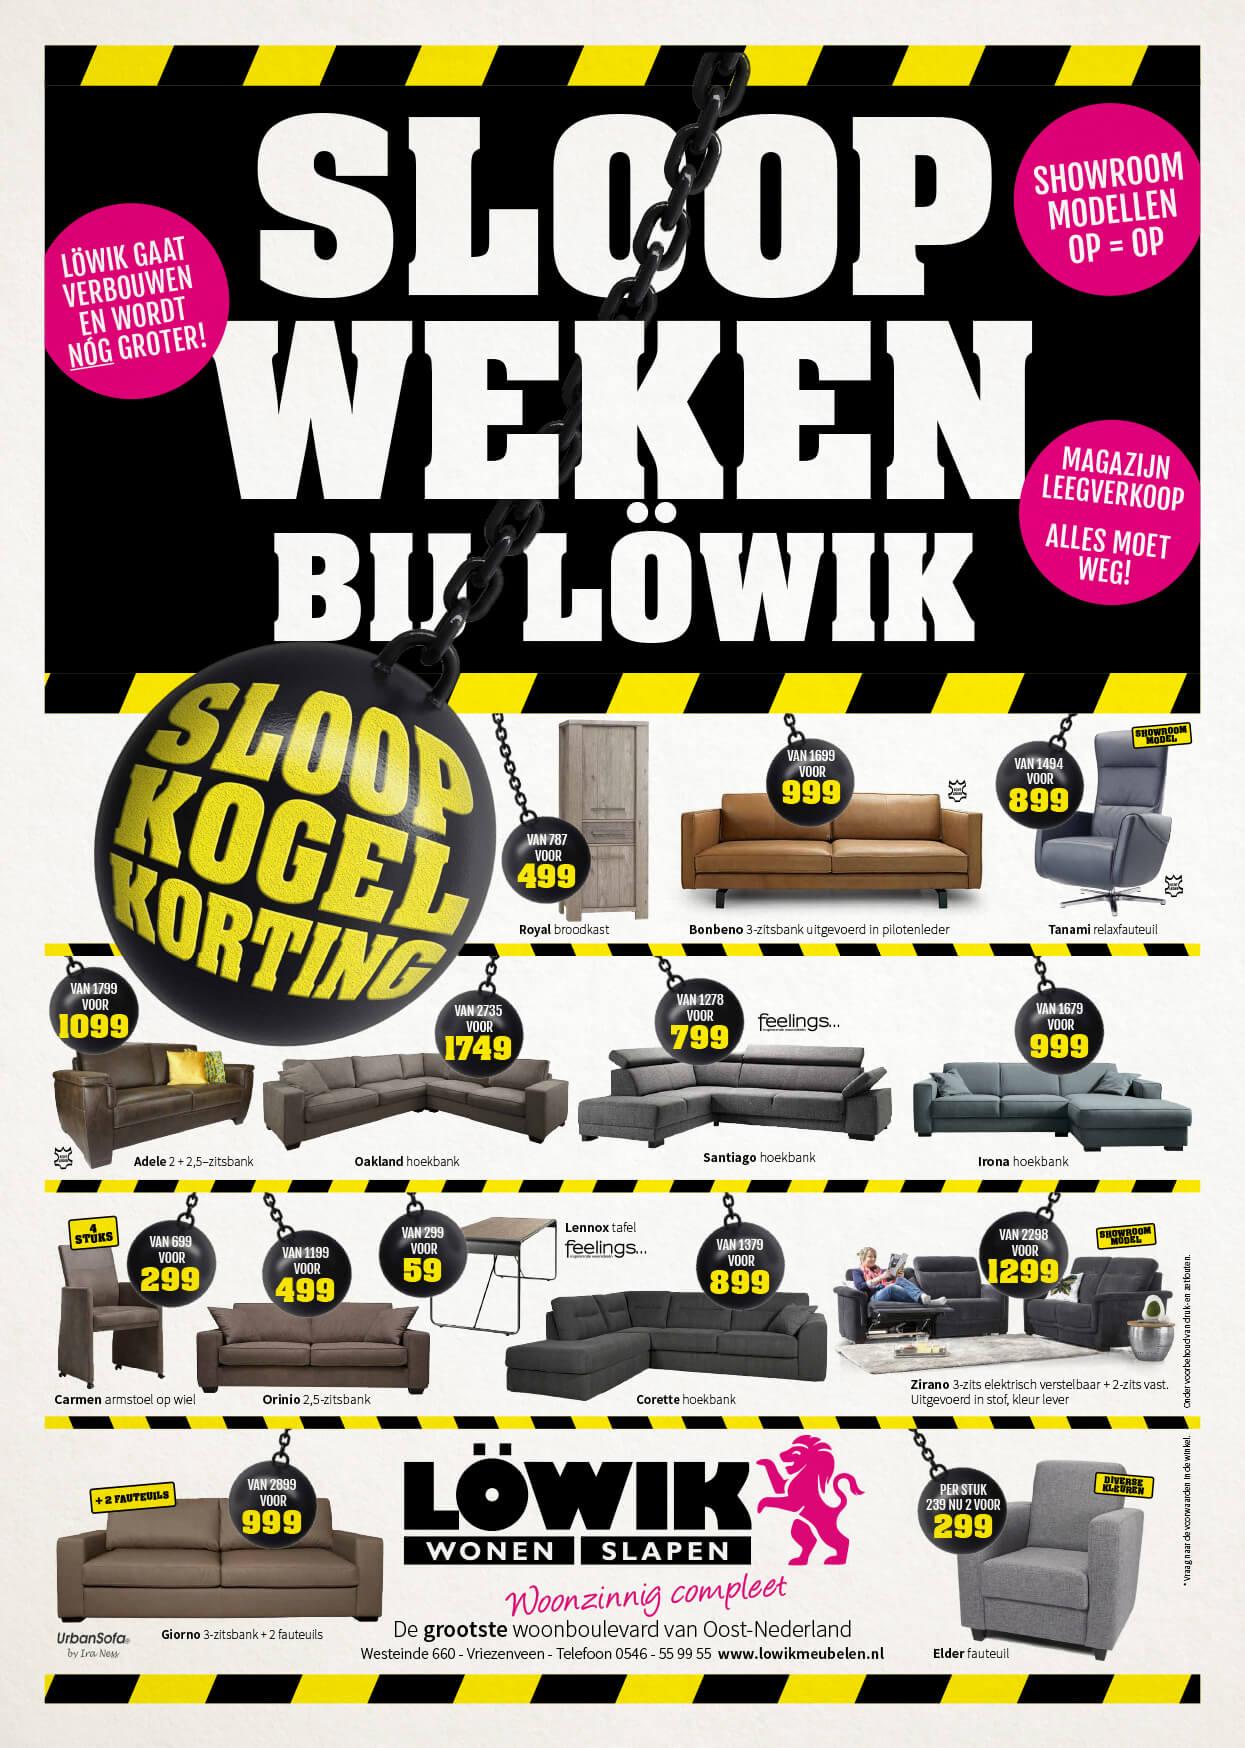 Lowik Meubelen Sloopweken Advertentie